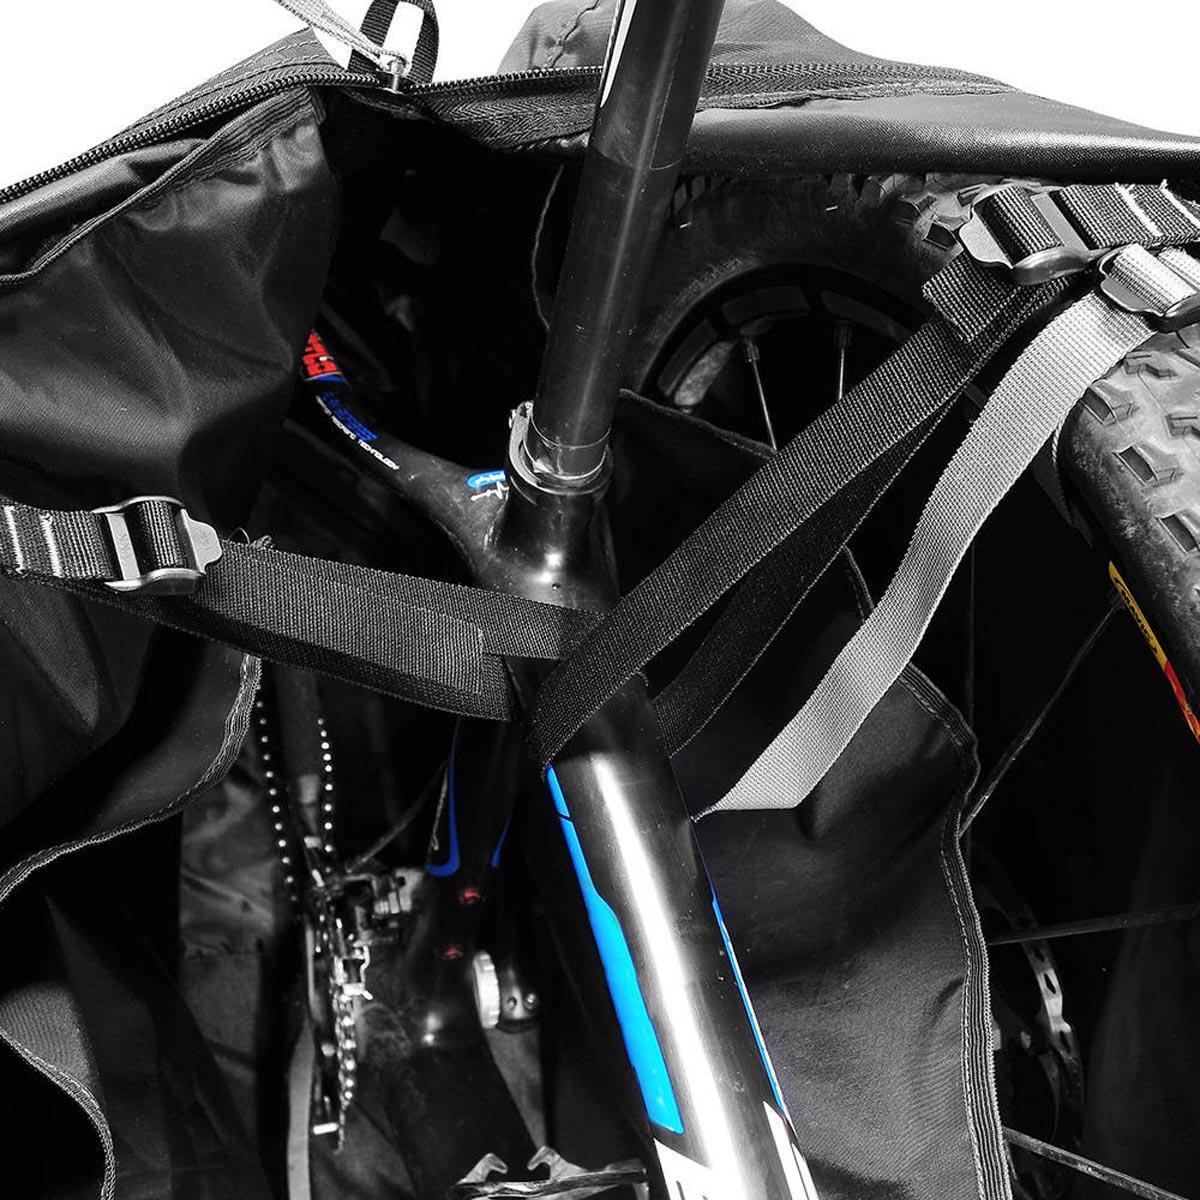 Malabike Curtlo Aro 29 Compatível com aros 700, 26, 27,5 e 29 Preto